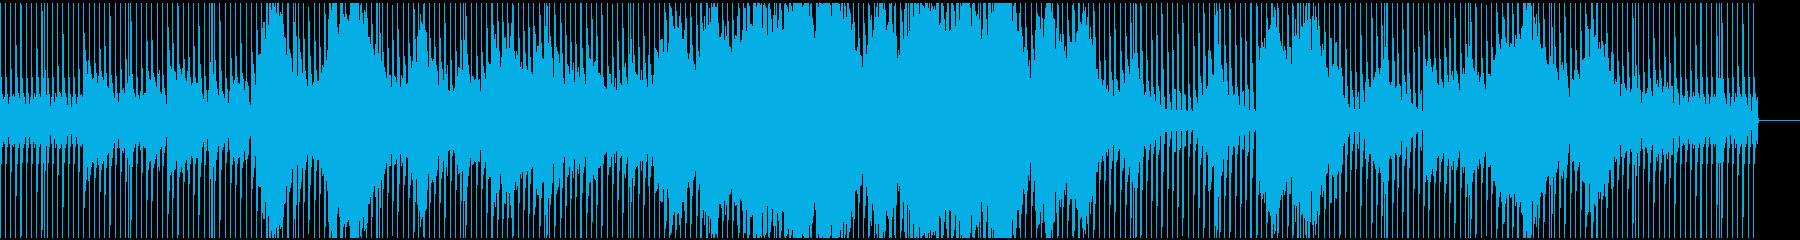 流れるようなストリング、ピアノ(テクノ)の再生済みの波形